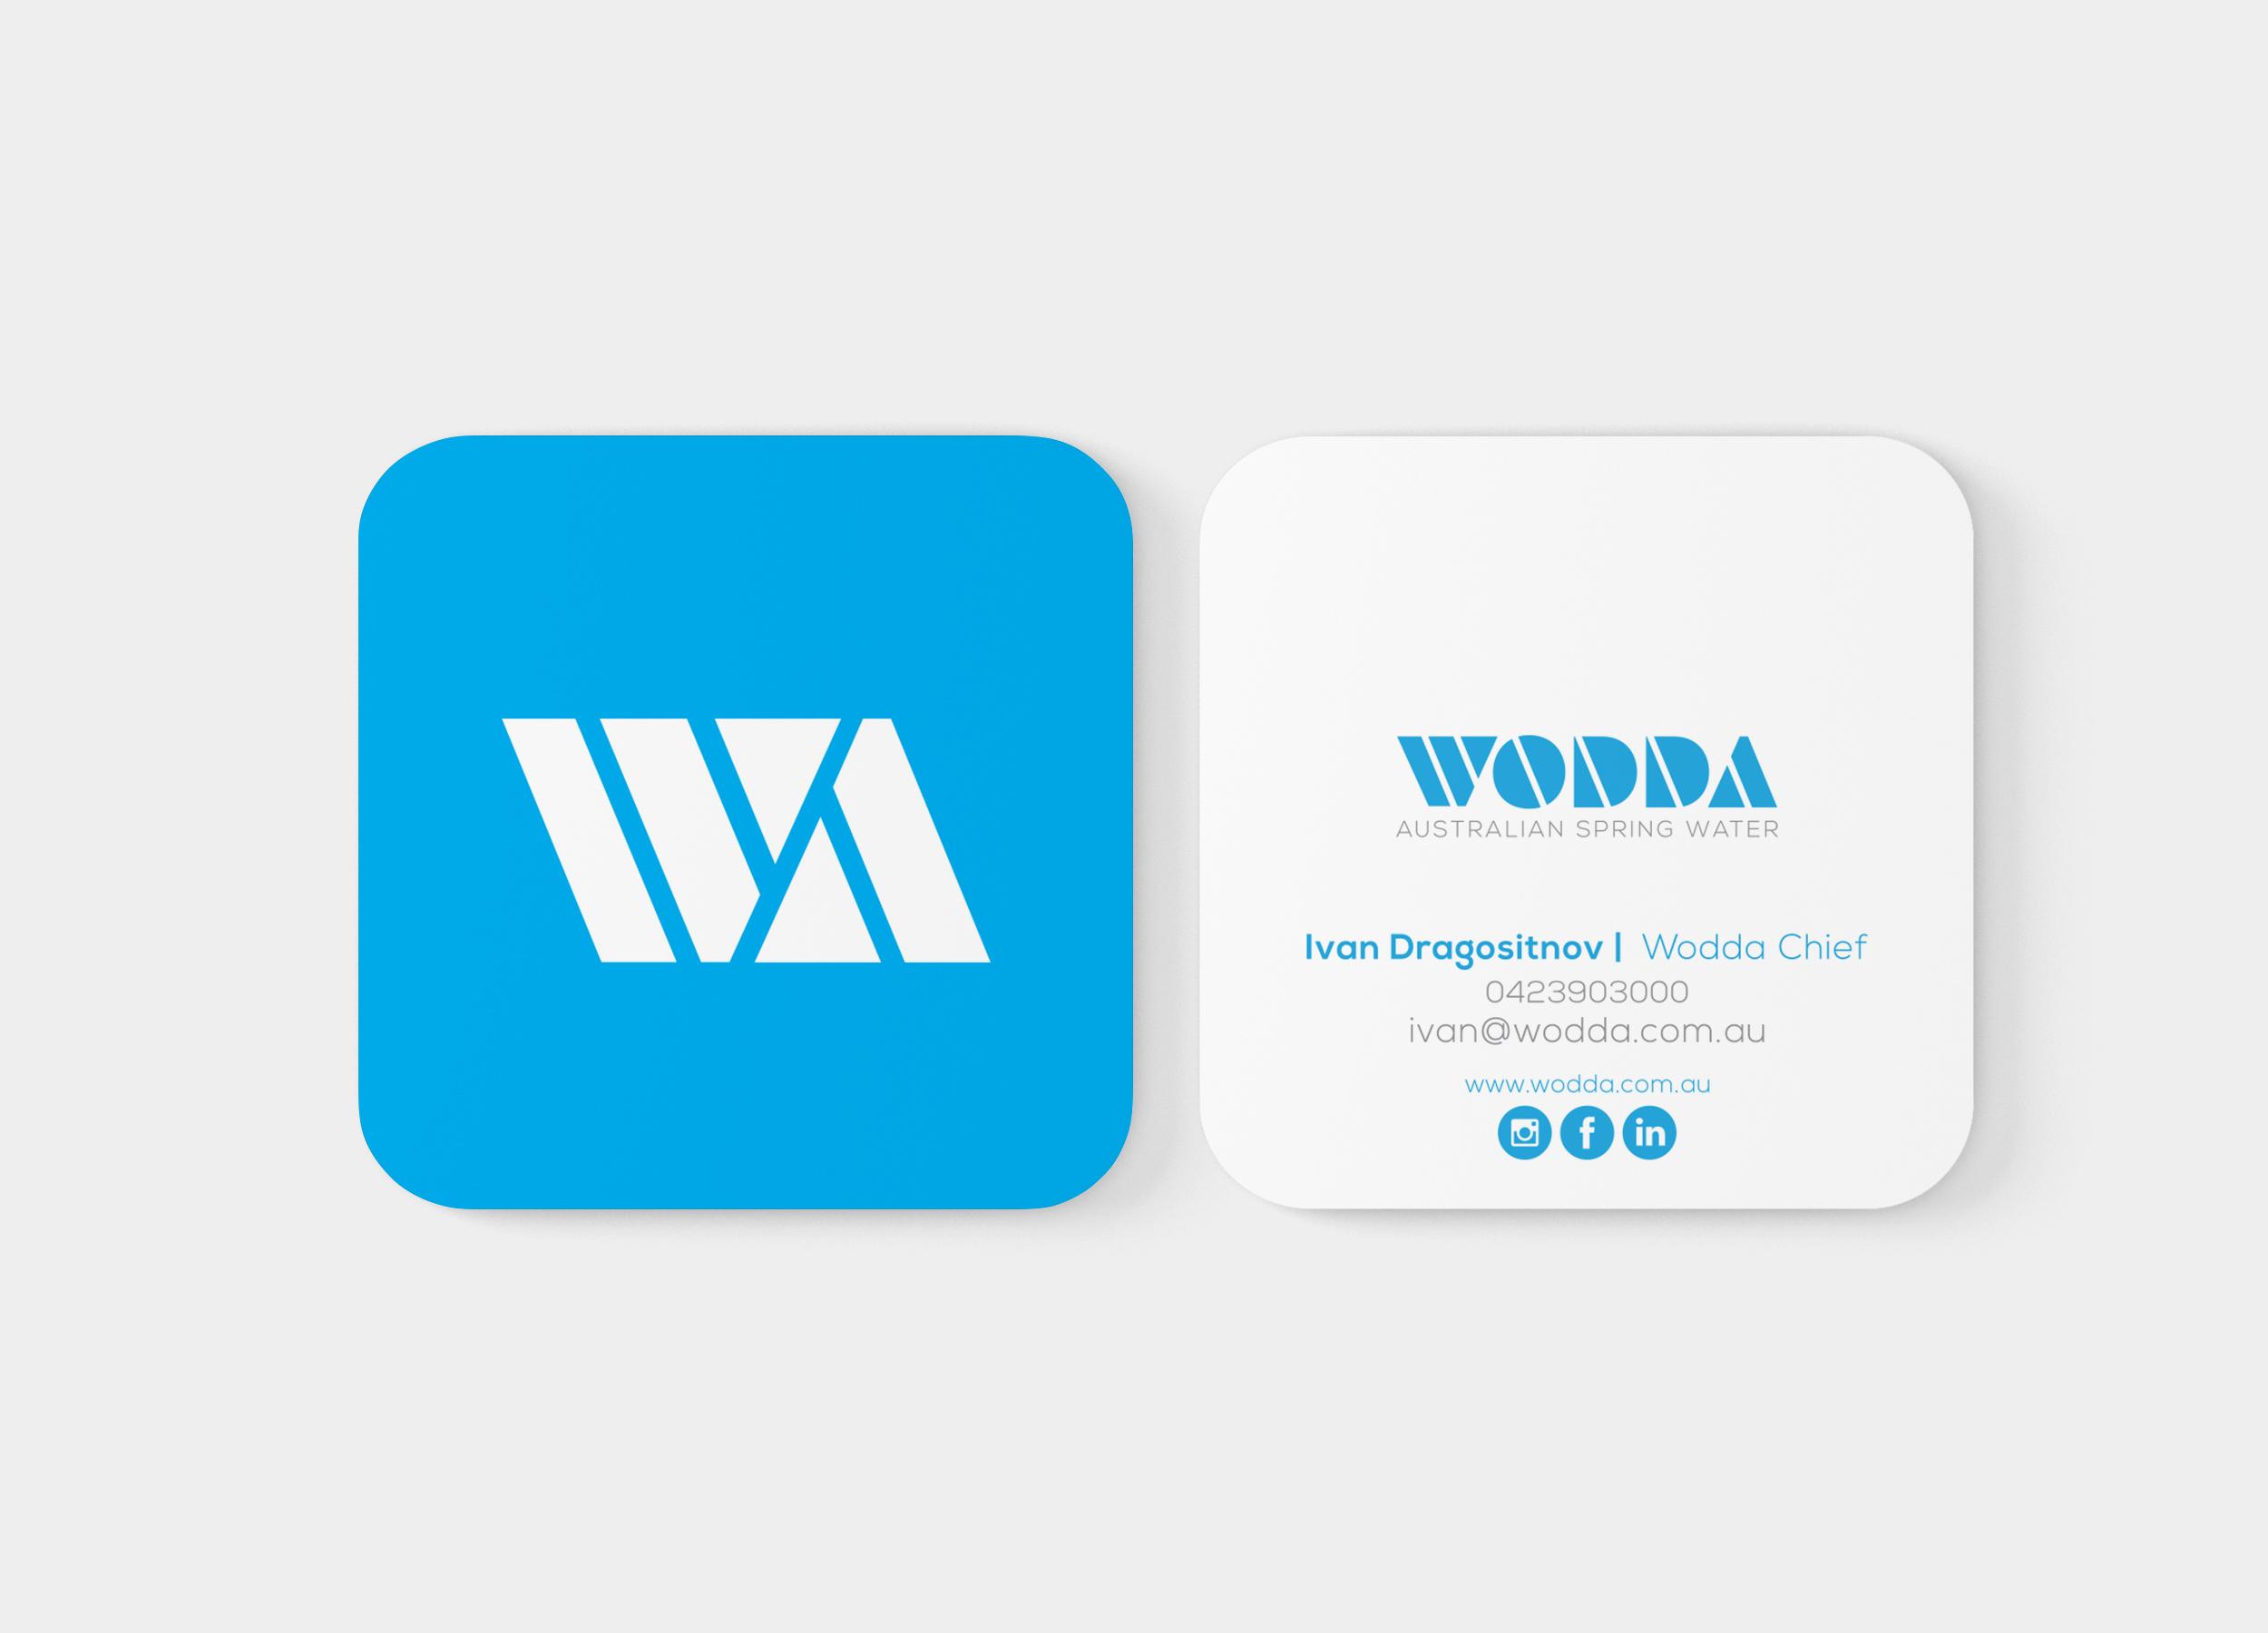 Wodda Bcard final mock.jpg